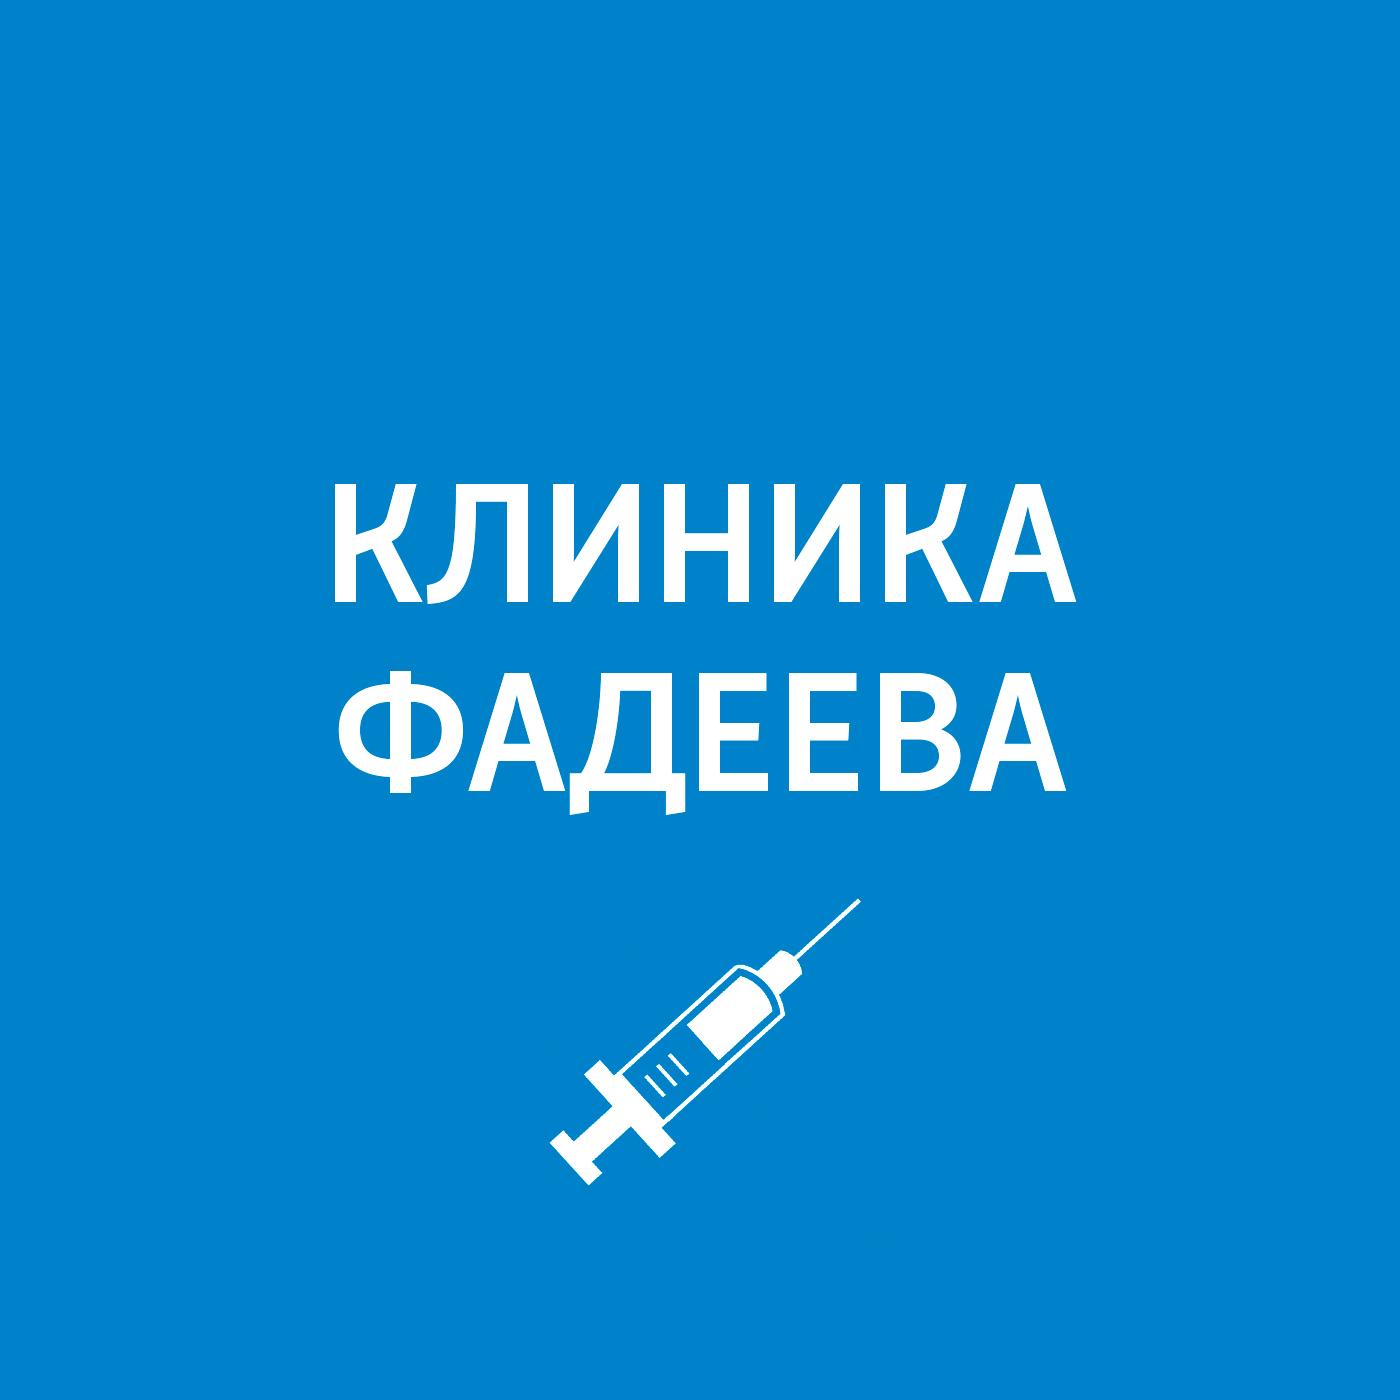 Пётр Фадеев Приём ведёт акушер-гинеколог. Беременность